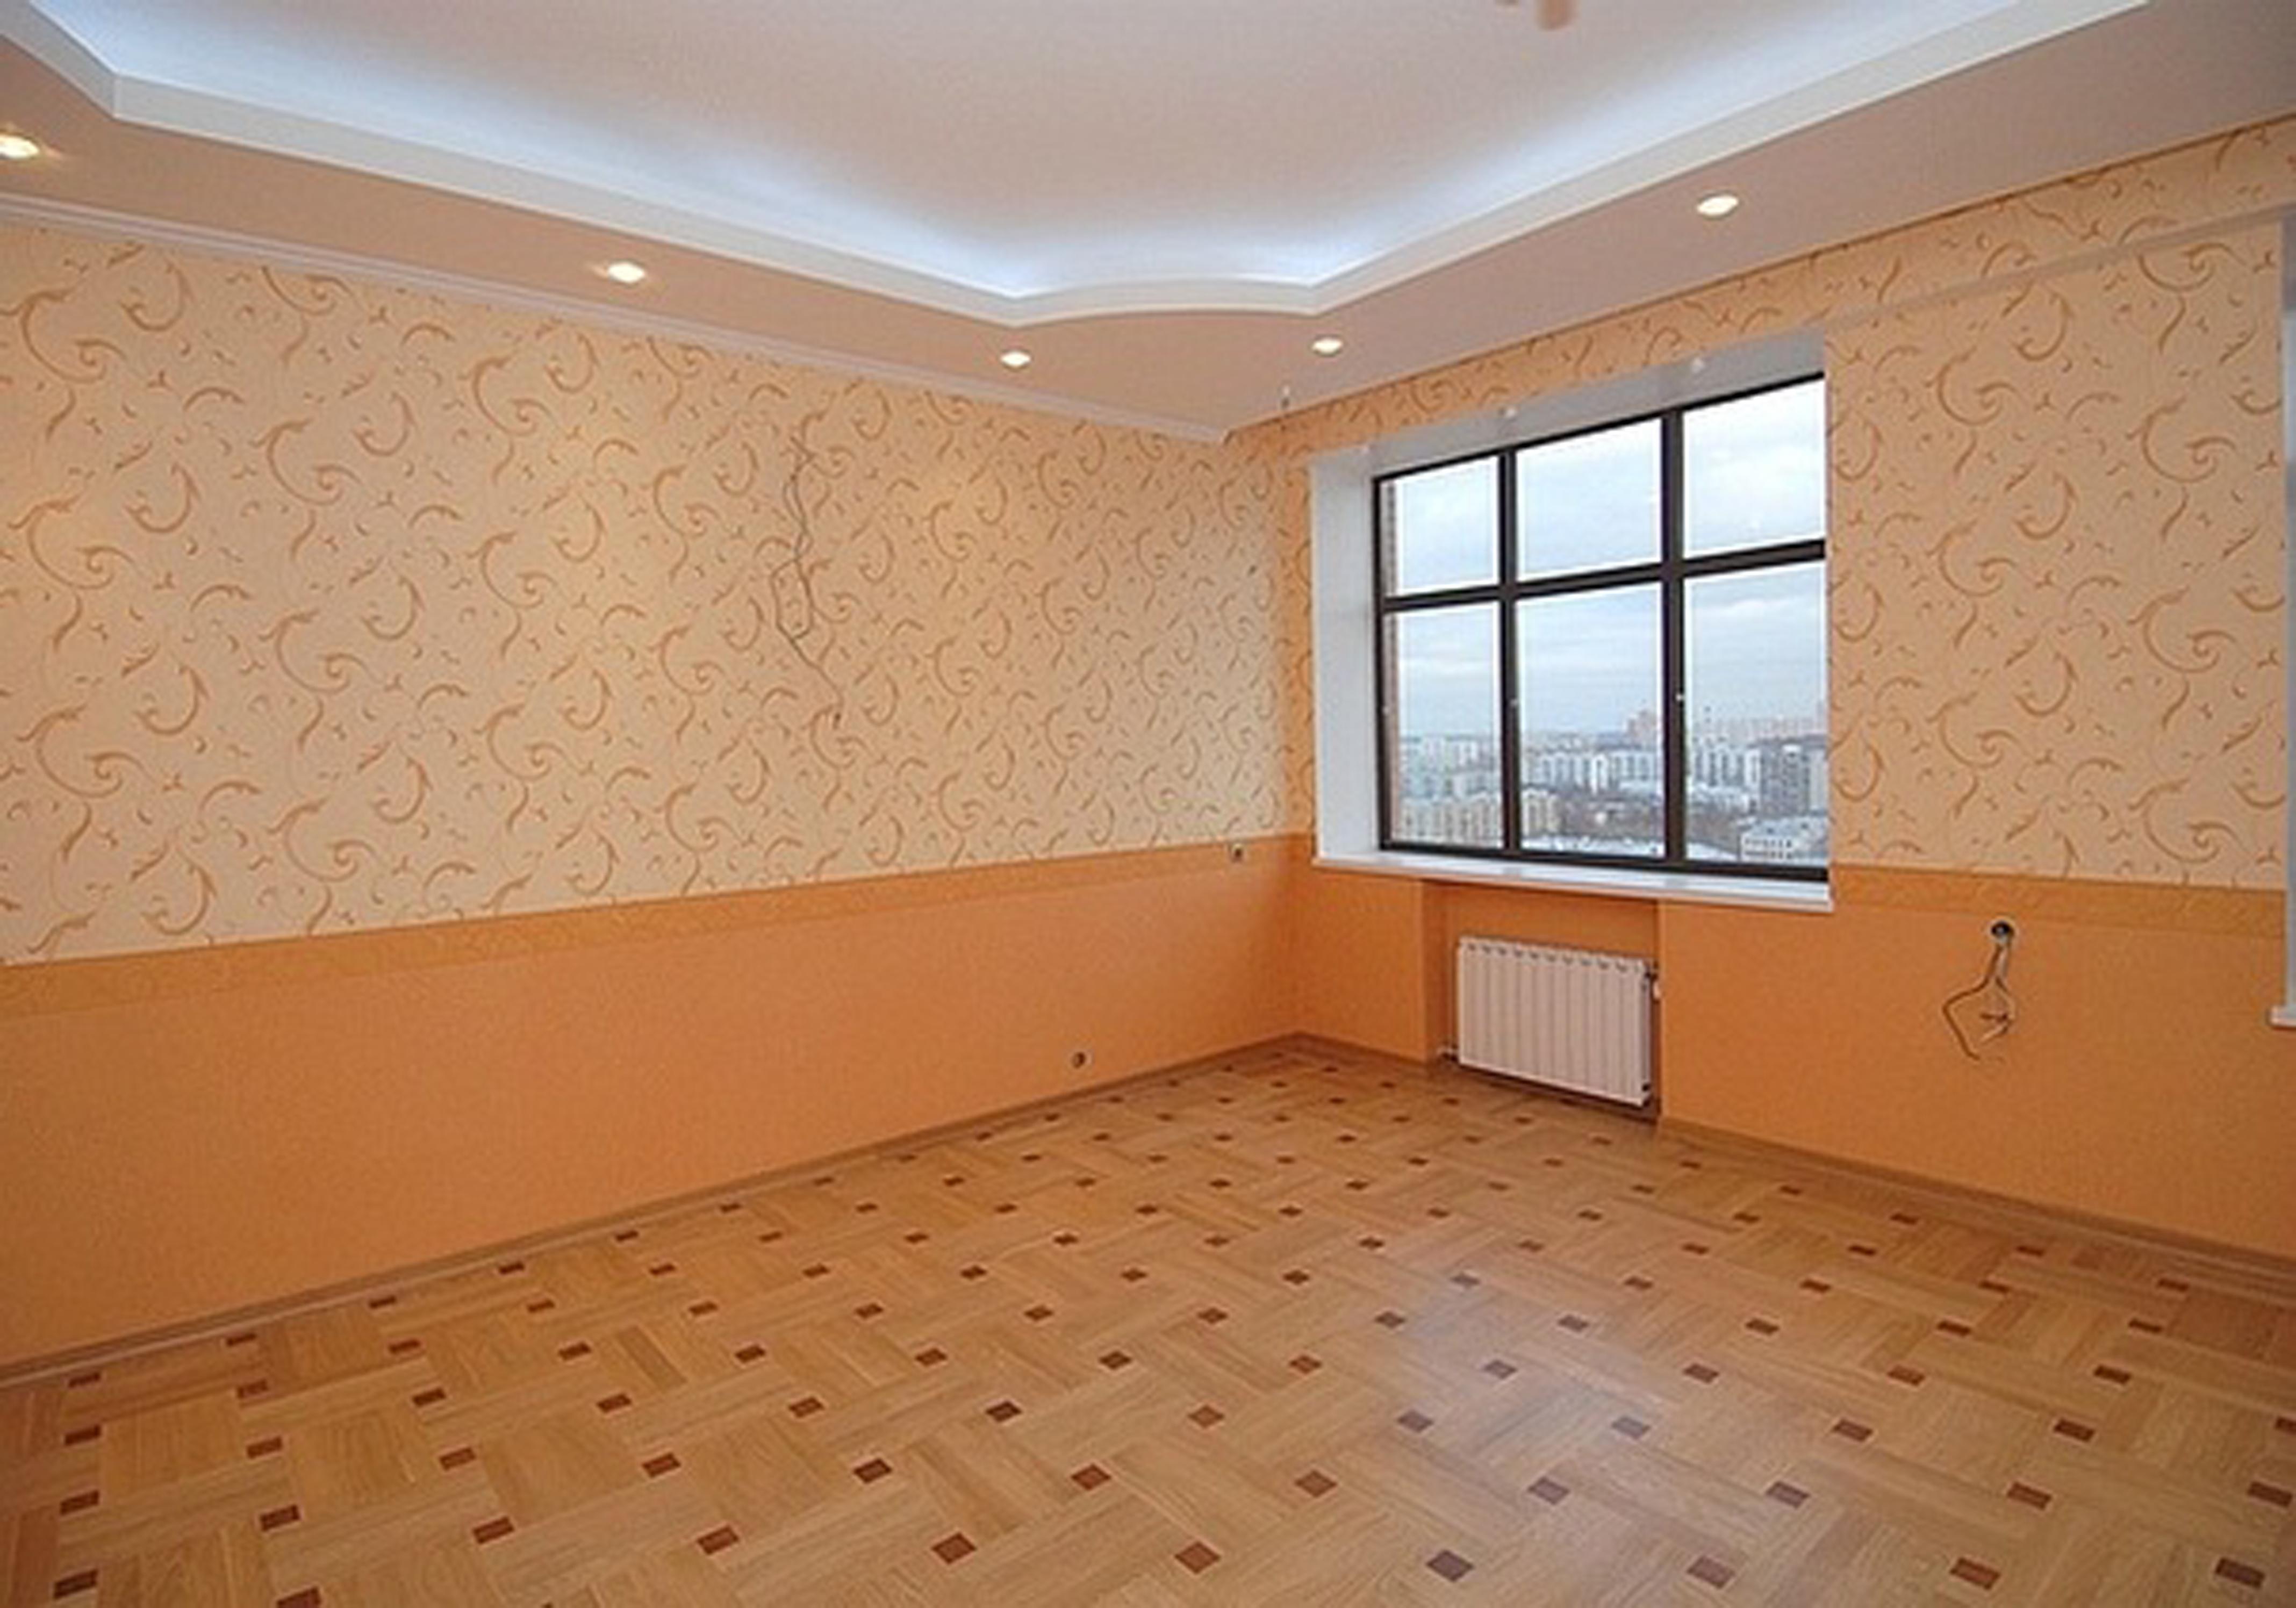 Фото ремонт квартиры не дорого